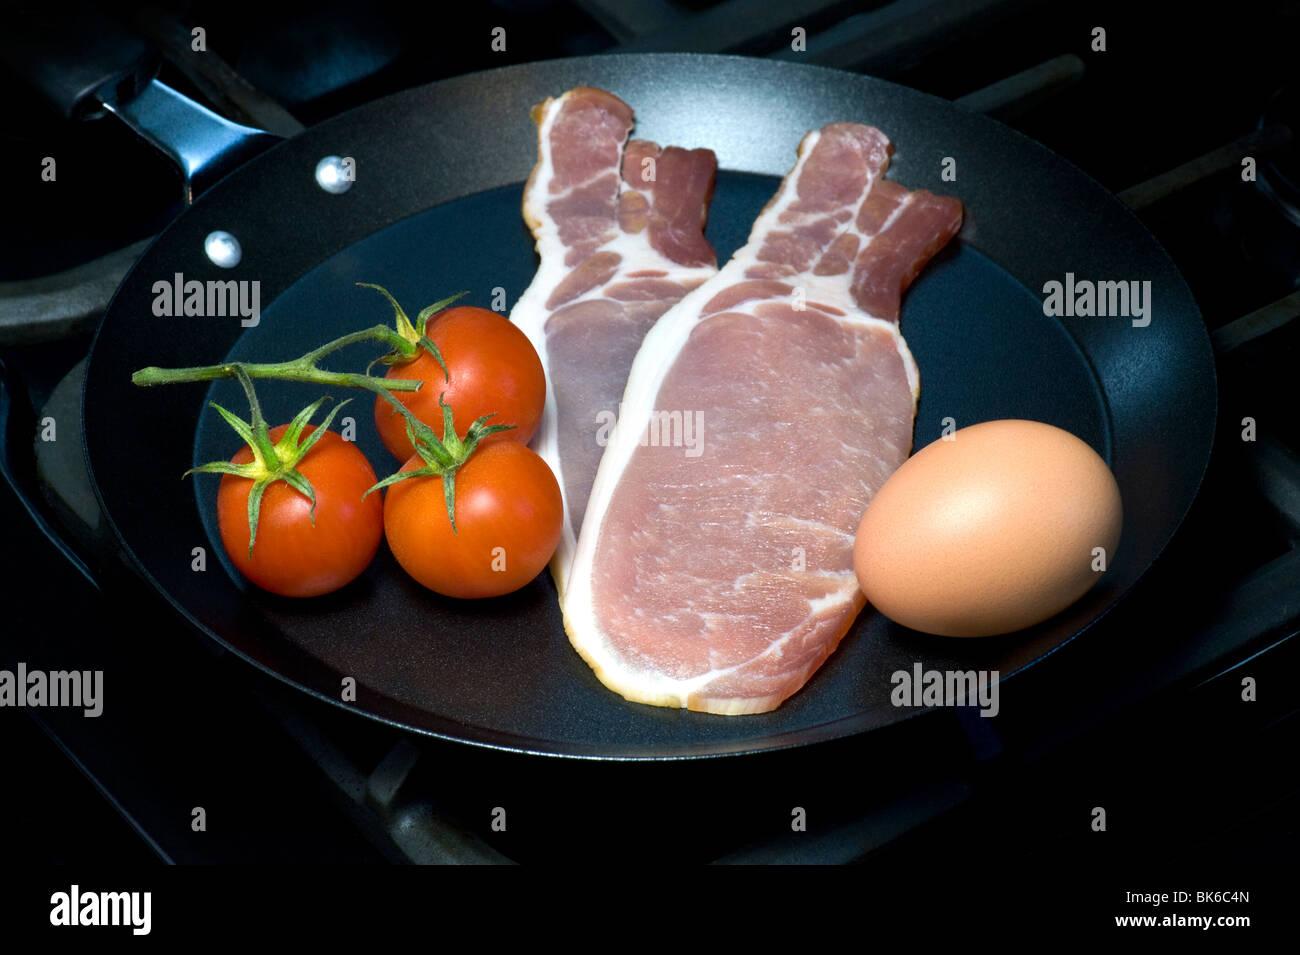 Uova, pancetta e pomodoro, ingredienti per una tradizionale prima colazione inglese Immagini Stock